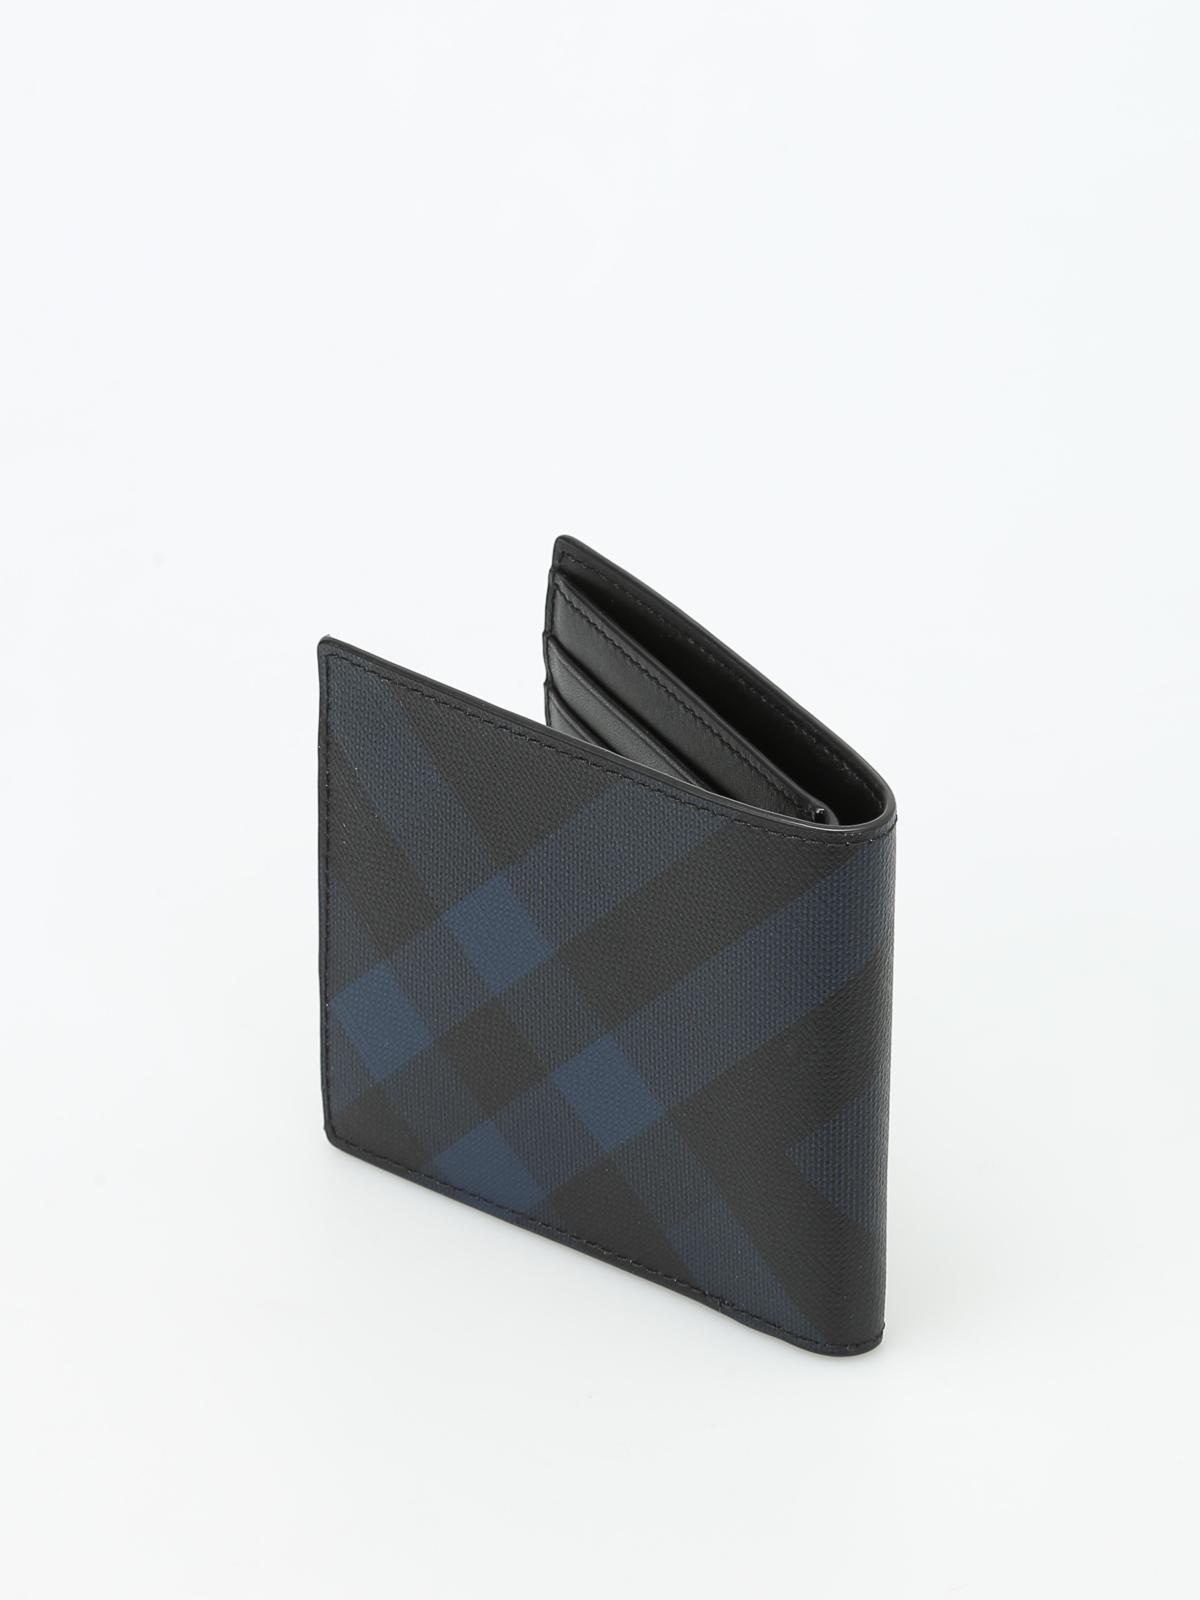 3718f3d22c1fd iKRIX BURBERRY  Portemonnaies und Geldbörsen - Portemonnaie Fur Herren -  Blau